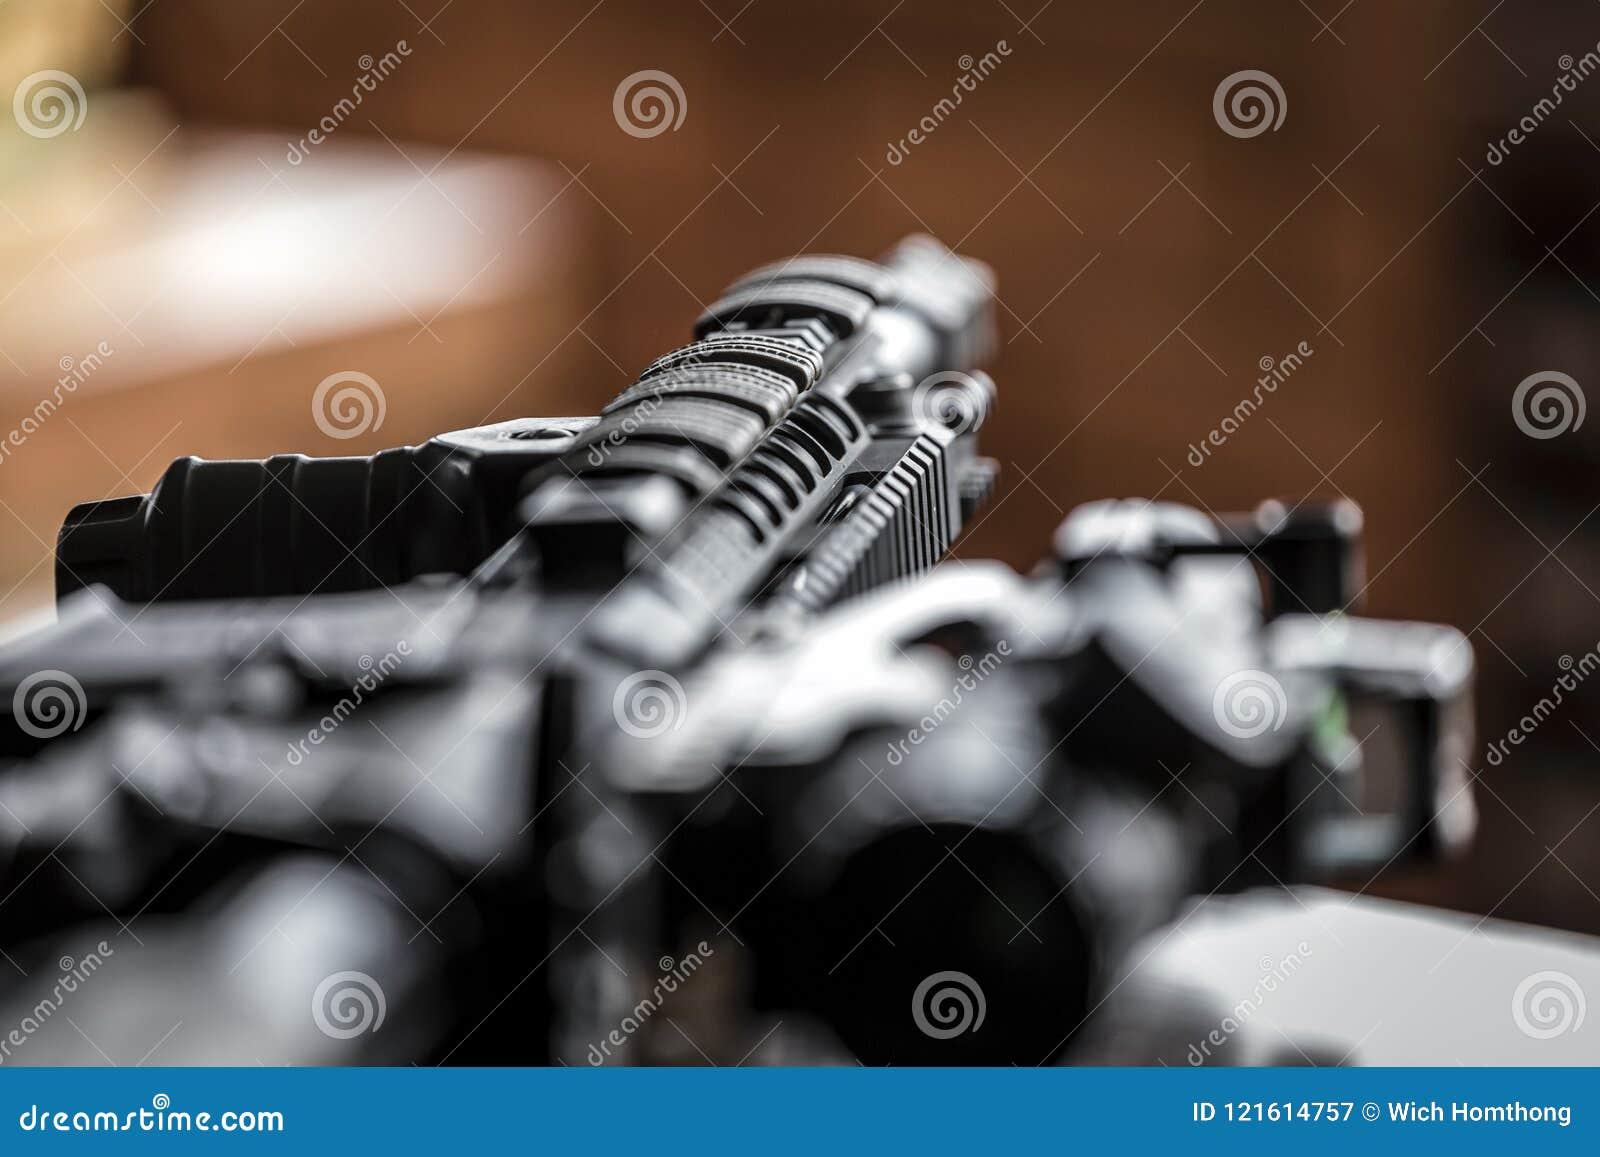 Préparation des armes pour des actes de terroriste